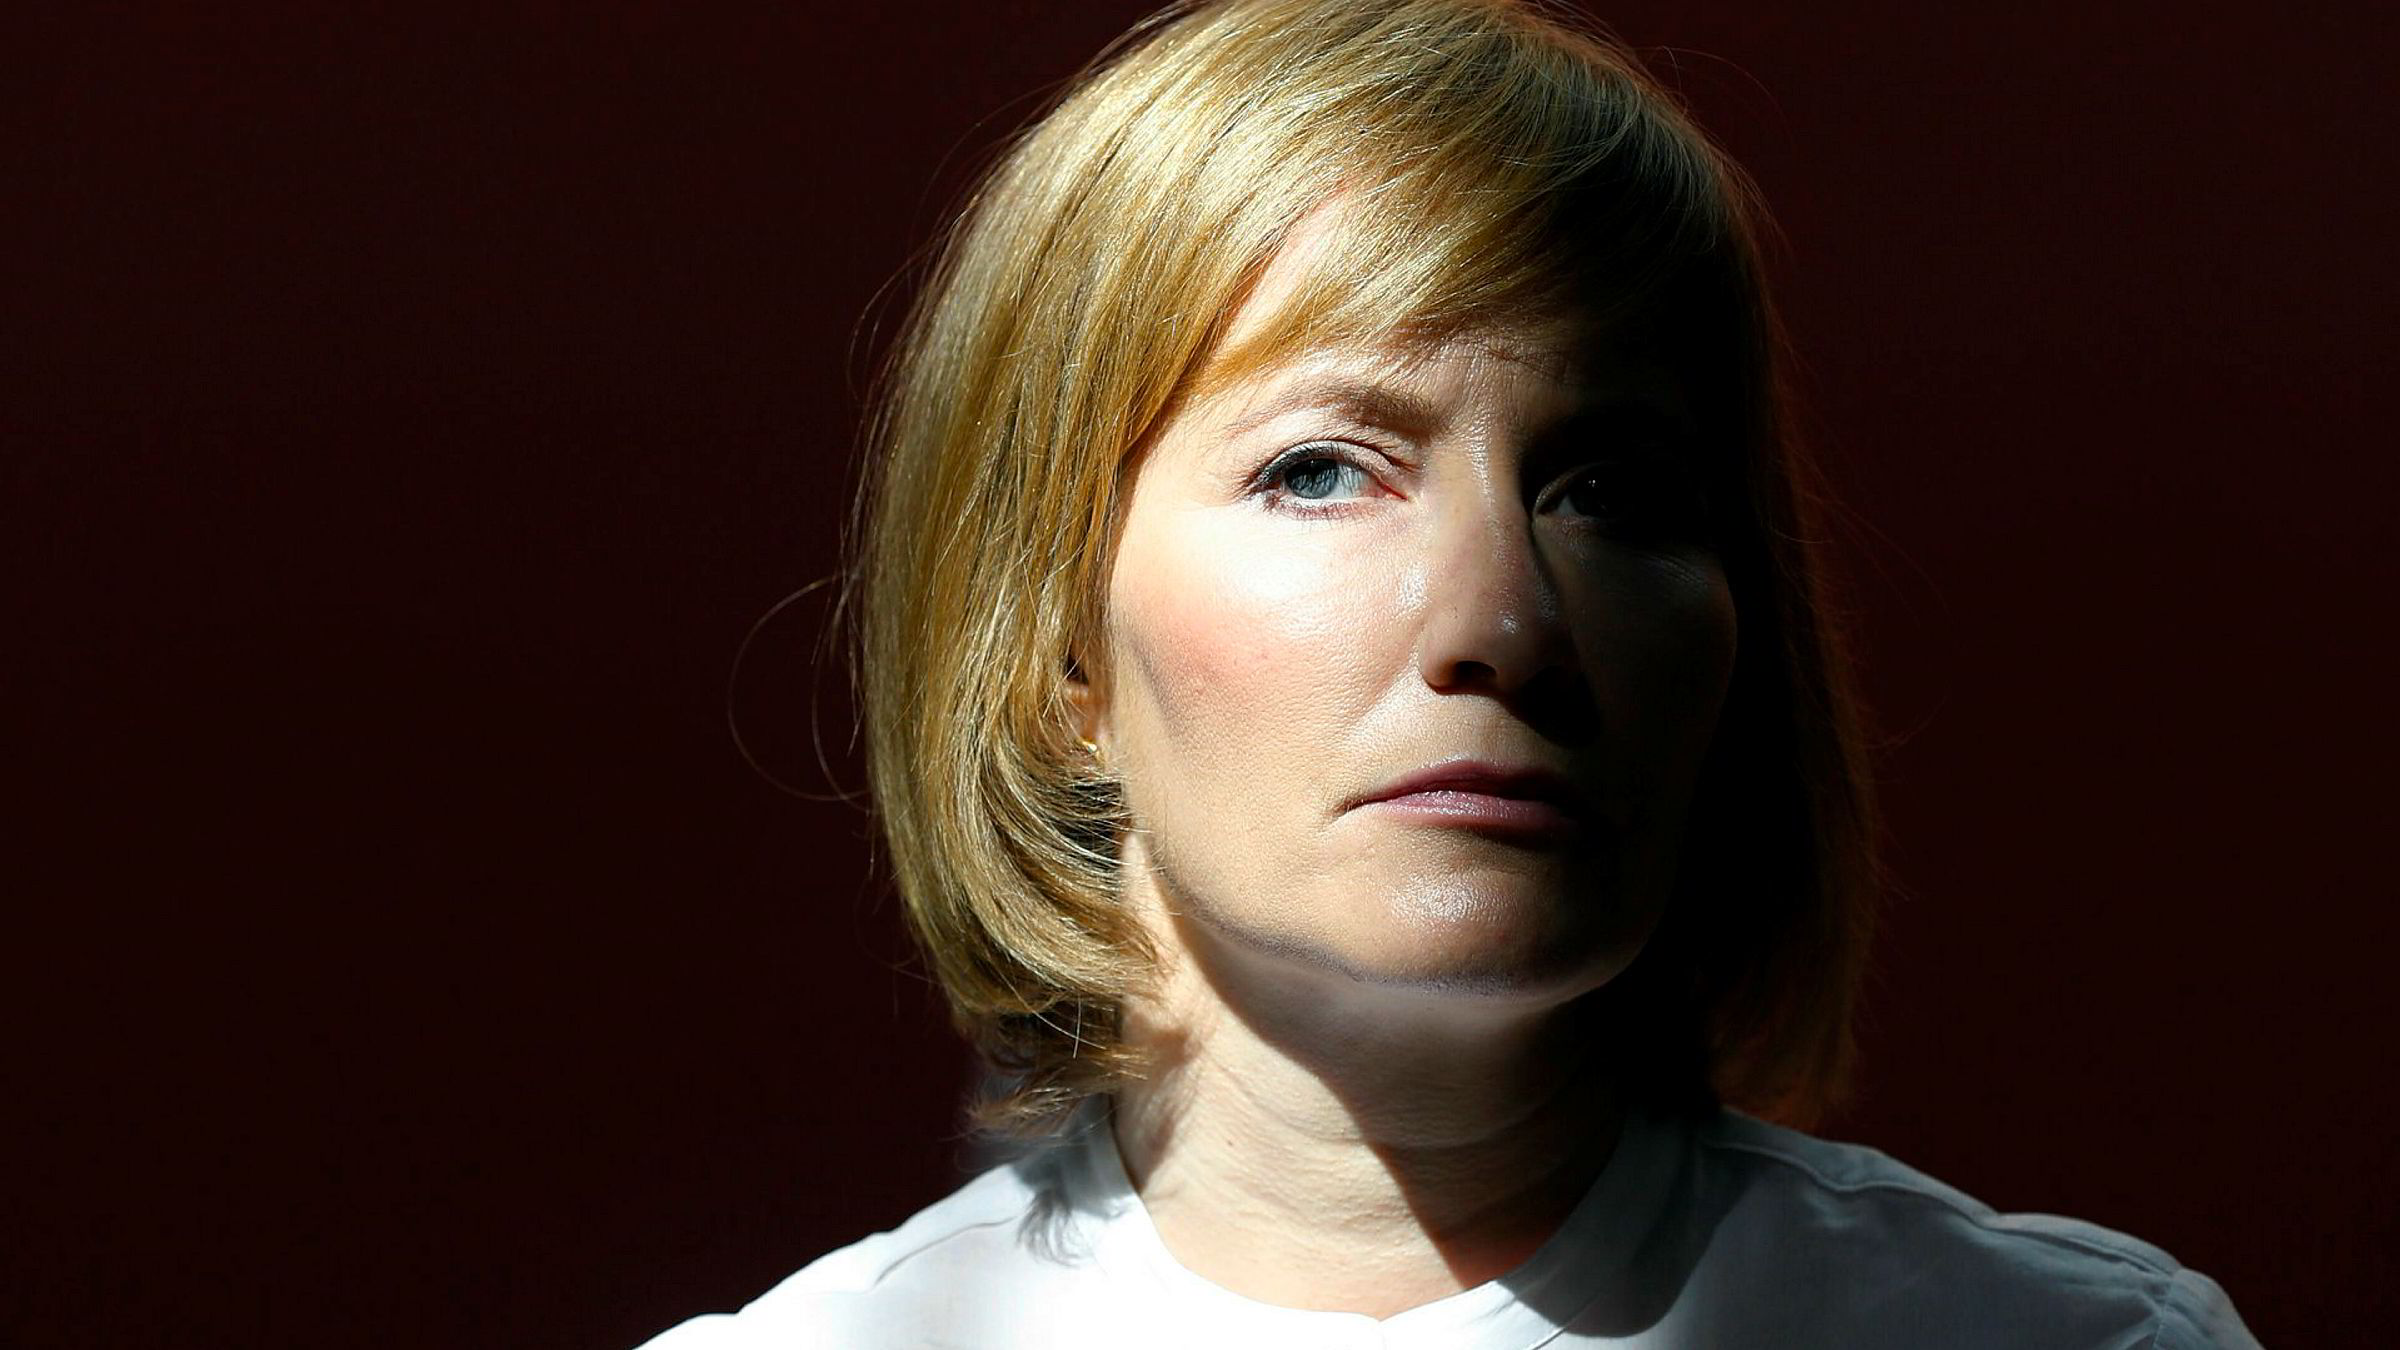 Vårt Lands sjefredaktør Åshild Mathisen anklages for manglende samarbeidsvilje. Foto: